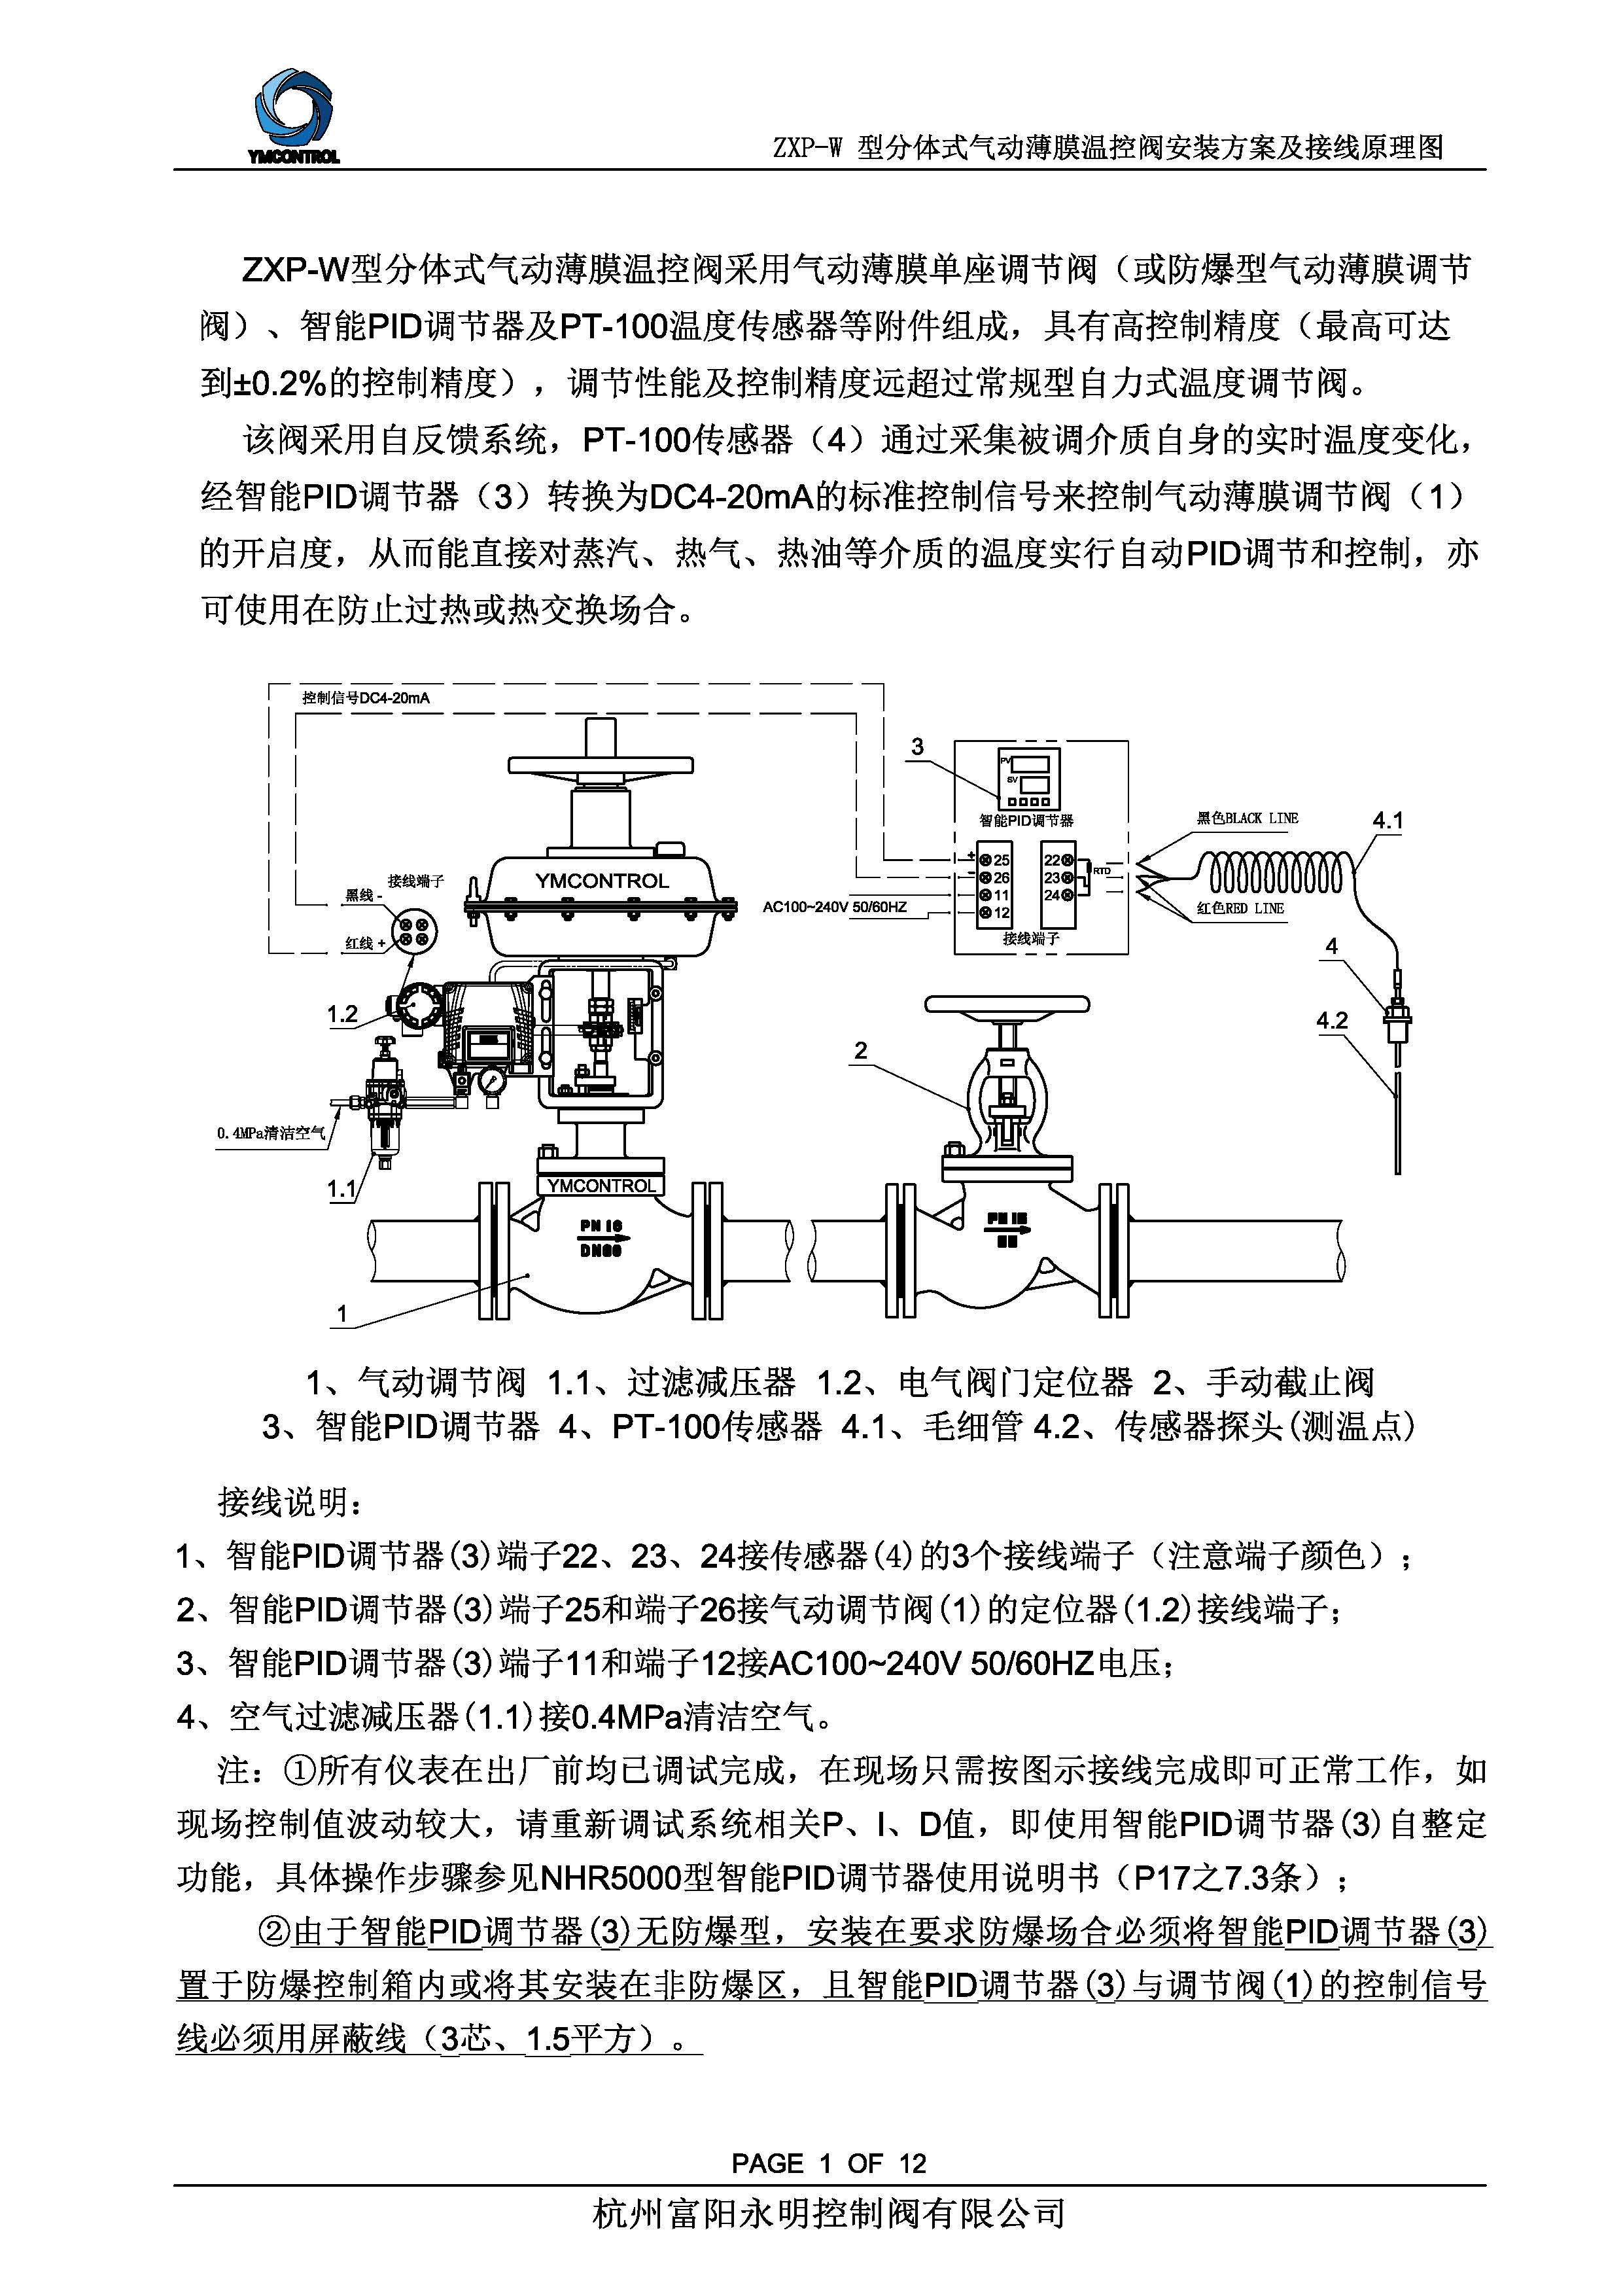 1_ZXP-W 型分體式氣動薄膜溫控閥安裝方案及接線原理圖